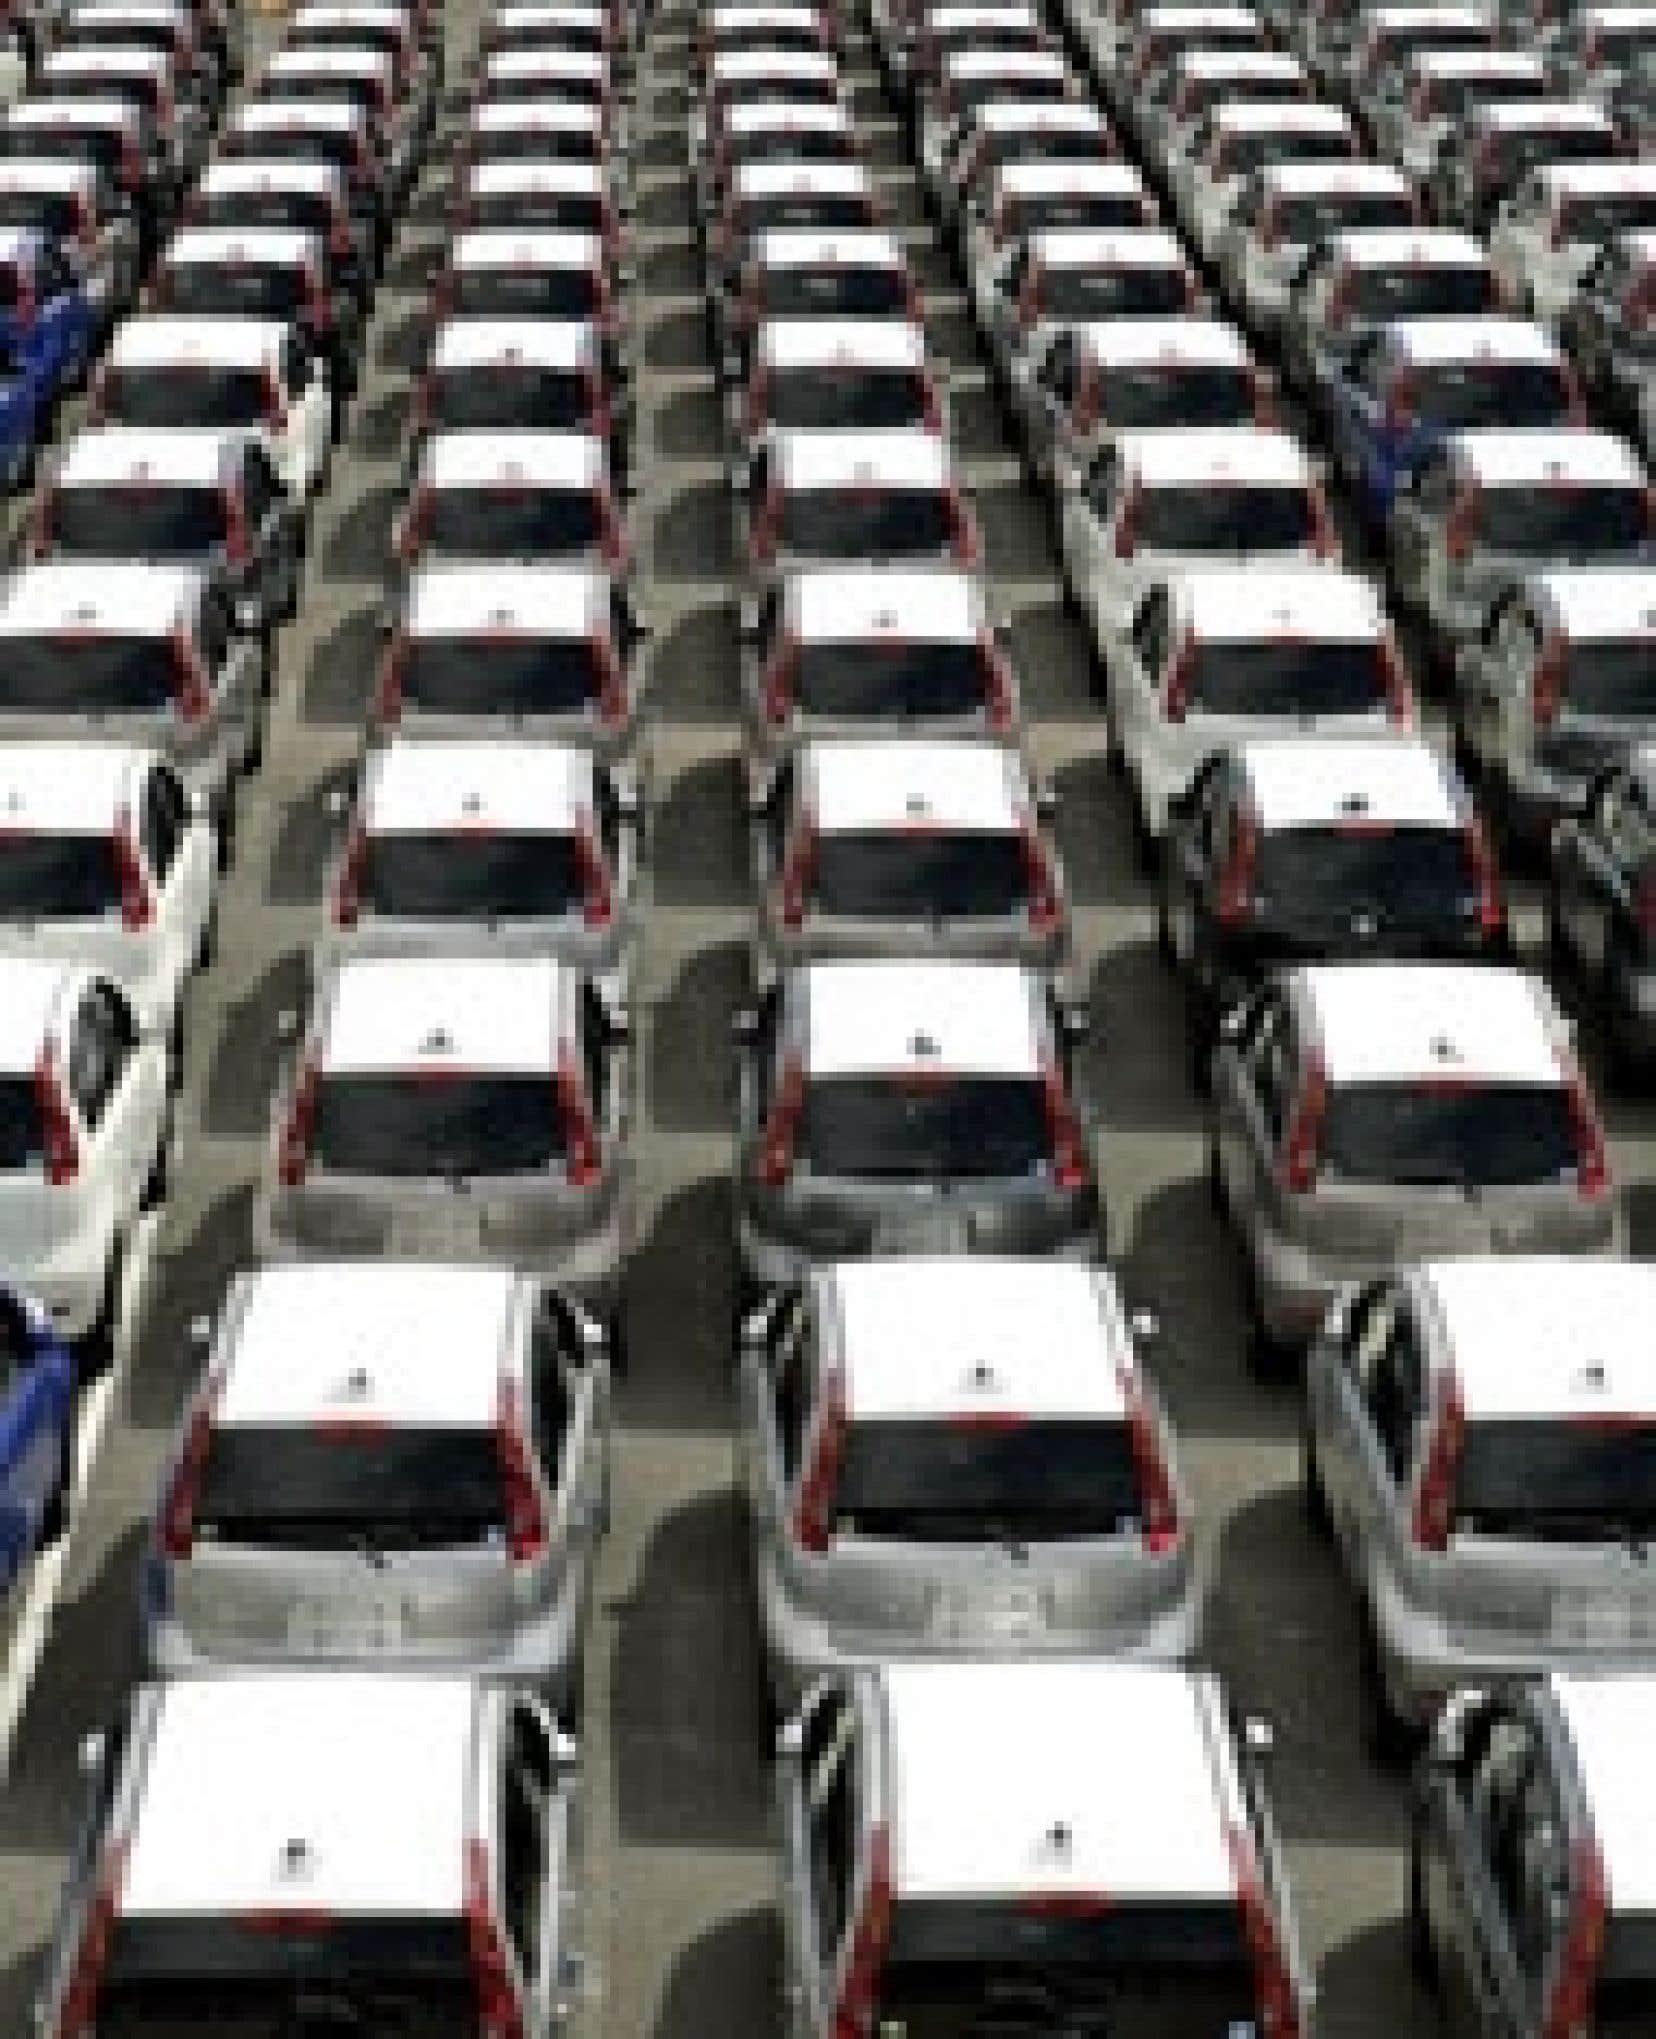 La possibilité d'un mariage à trois entre GM et Renault-Nissan suscite toujours le scepticisme alors que ces constructeurs automobiles doivent bientôt se prononcer sur sa faisabilité et que la restructuration de General Motors commence à porter se